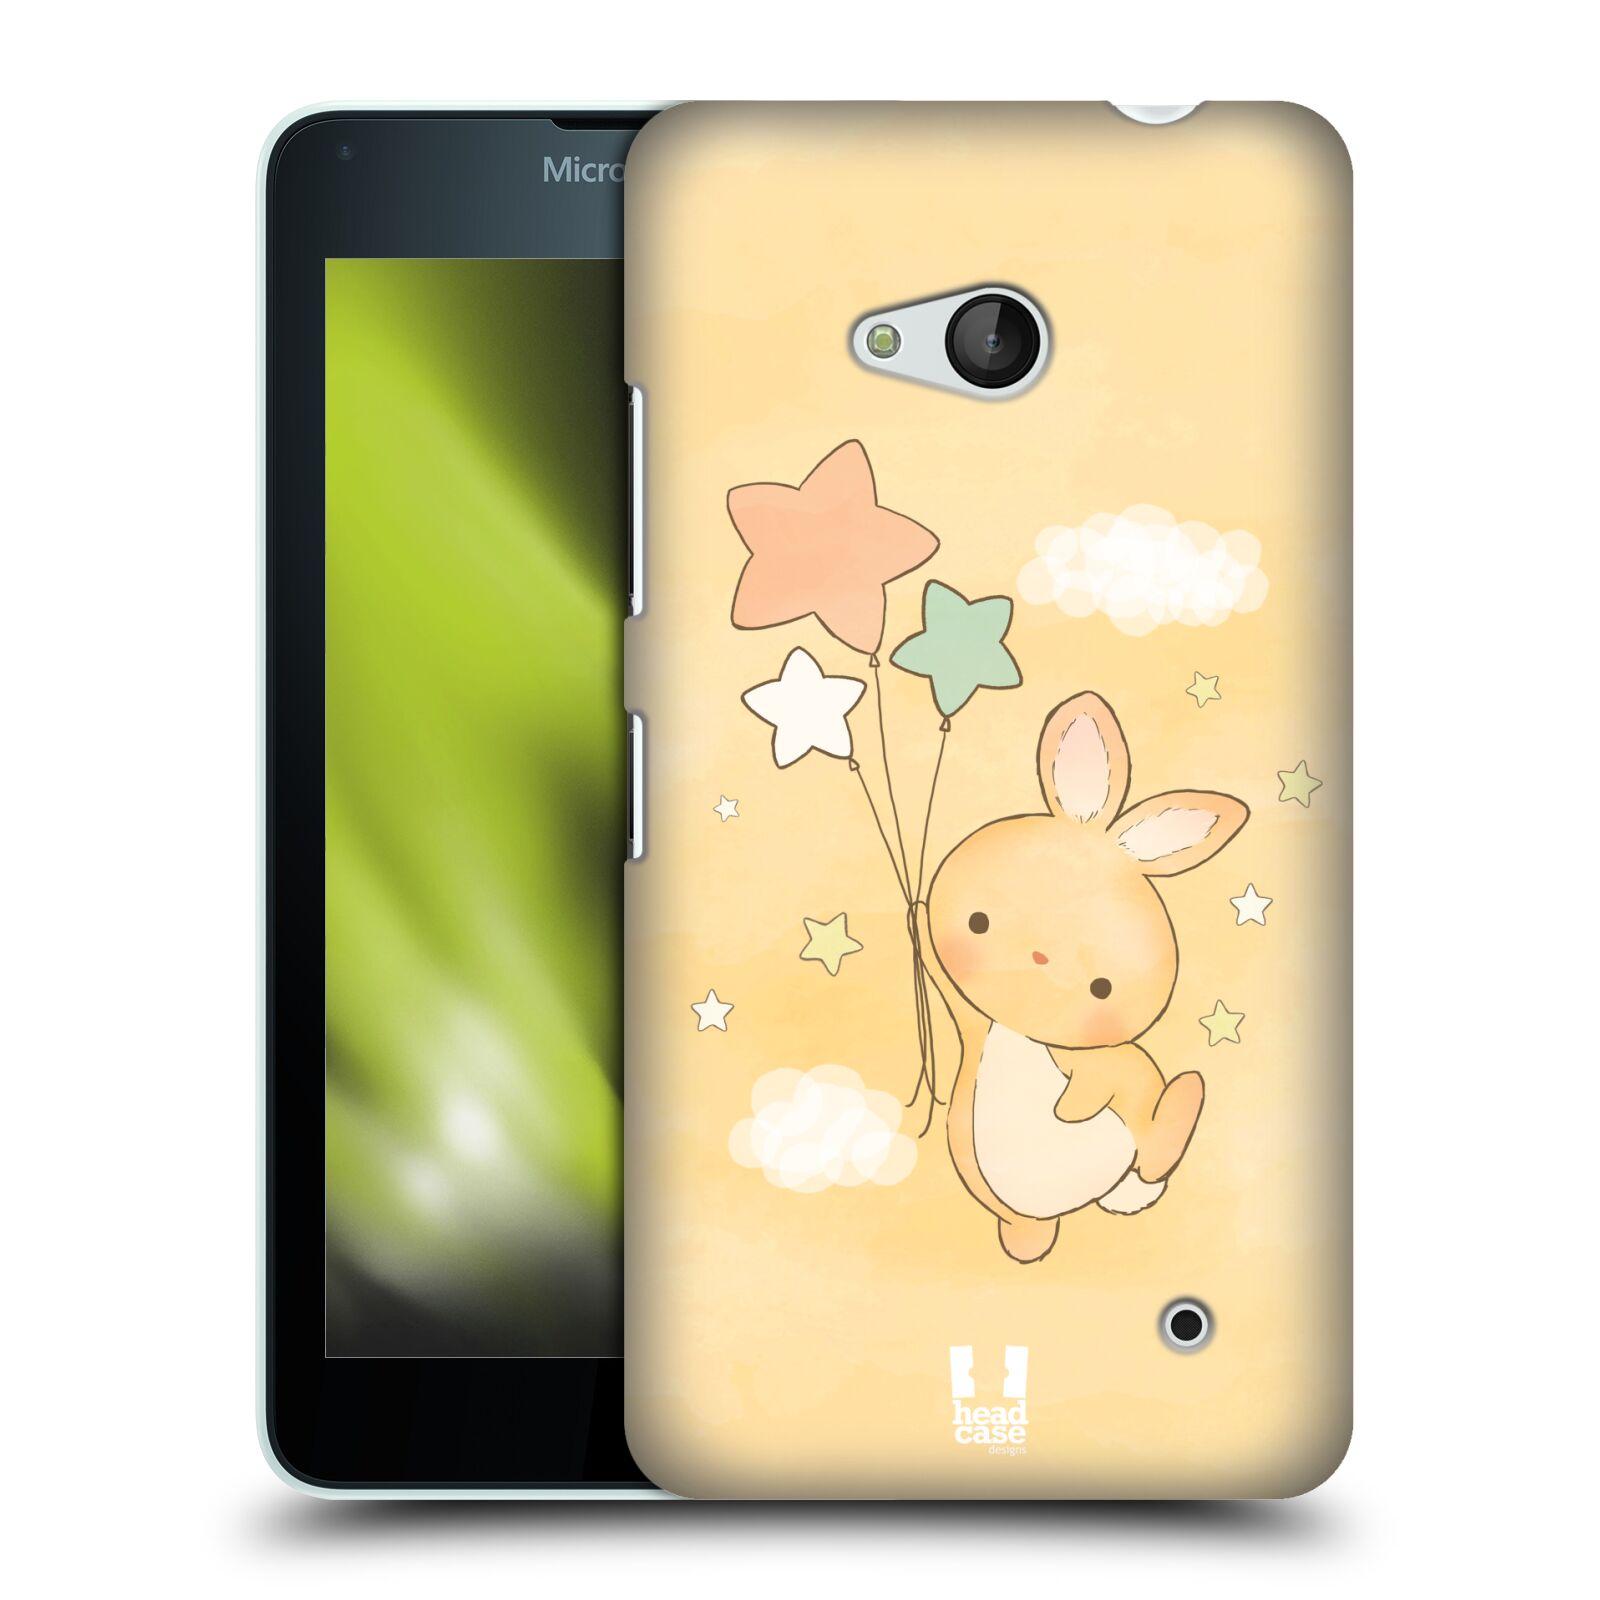 HEAD CASE plastový obal na mobil Nokia Lumia 640 vzor králíček a hvězdy žlutá